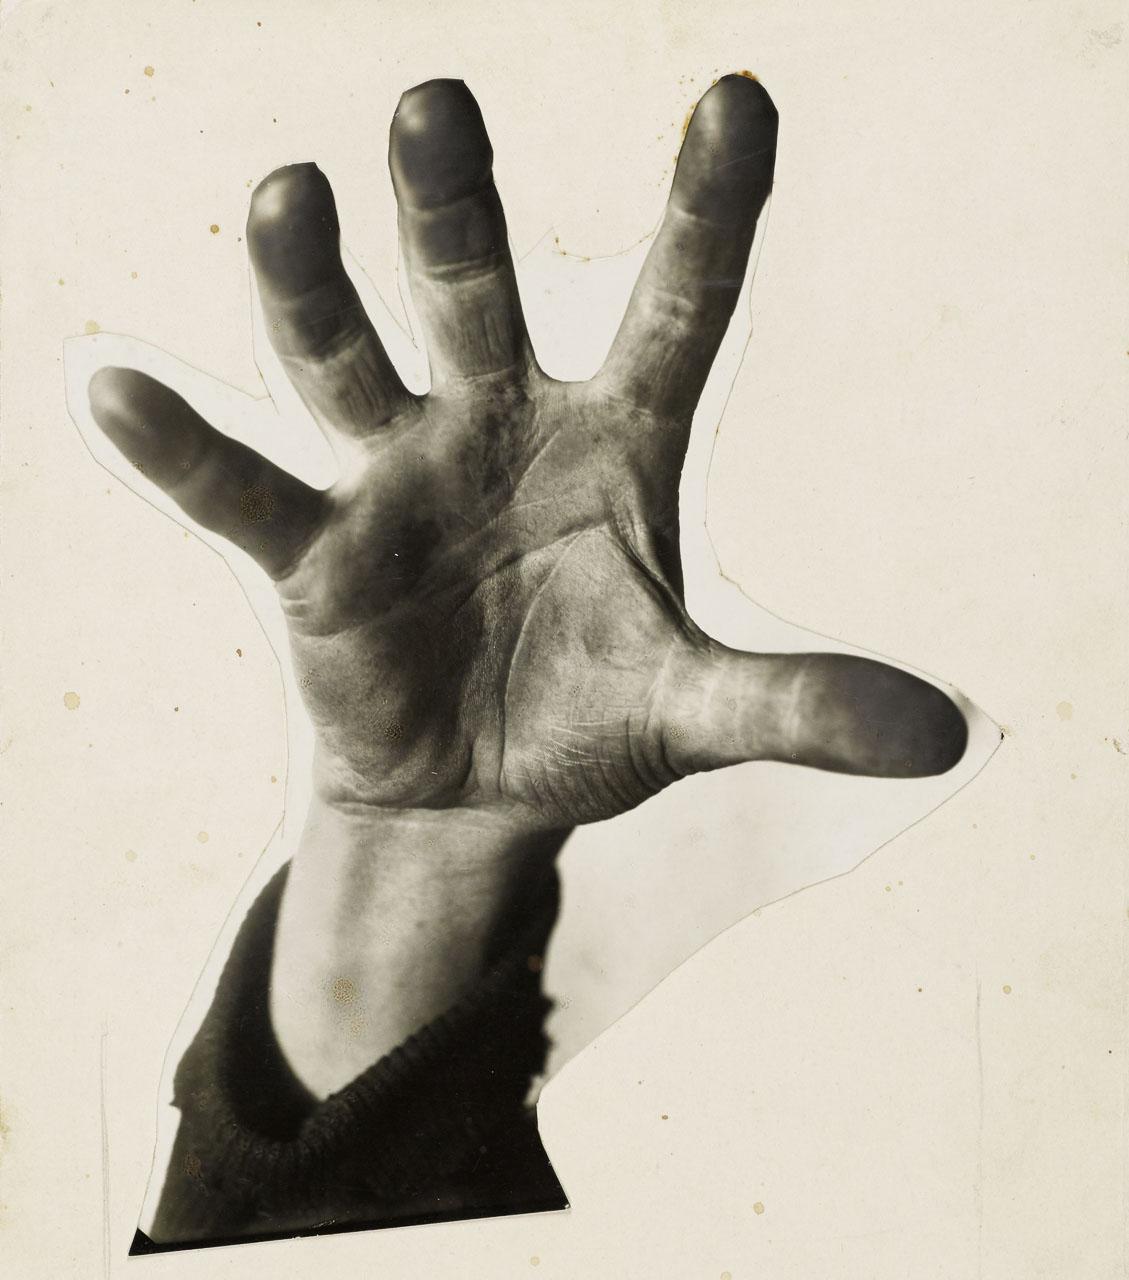 """John Heartfield: """"5 Finger hat die Hand. Mit 5 packst Du den Feind. Wählt Liste 5. Kommunistische Partei!"""" Fotomontage für ein Wahlplakat der KPD, 1928 © The Heartfield Community of Heirs / VG Bild-Kunst, Bonn 2020 / Akademie der Künste, Berlin"""